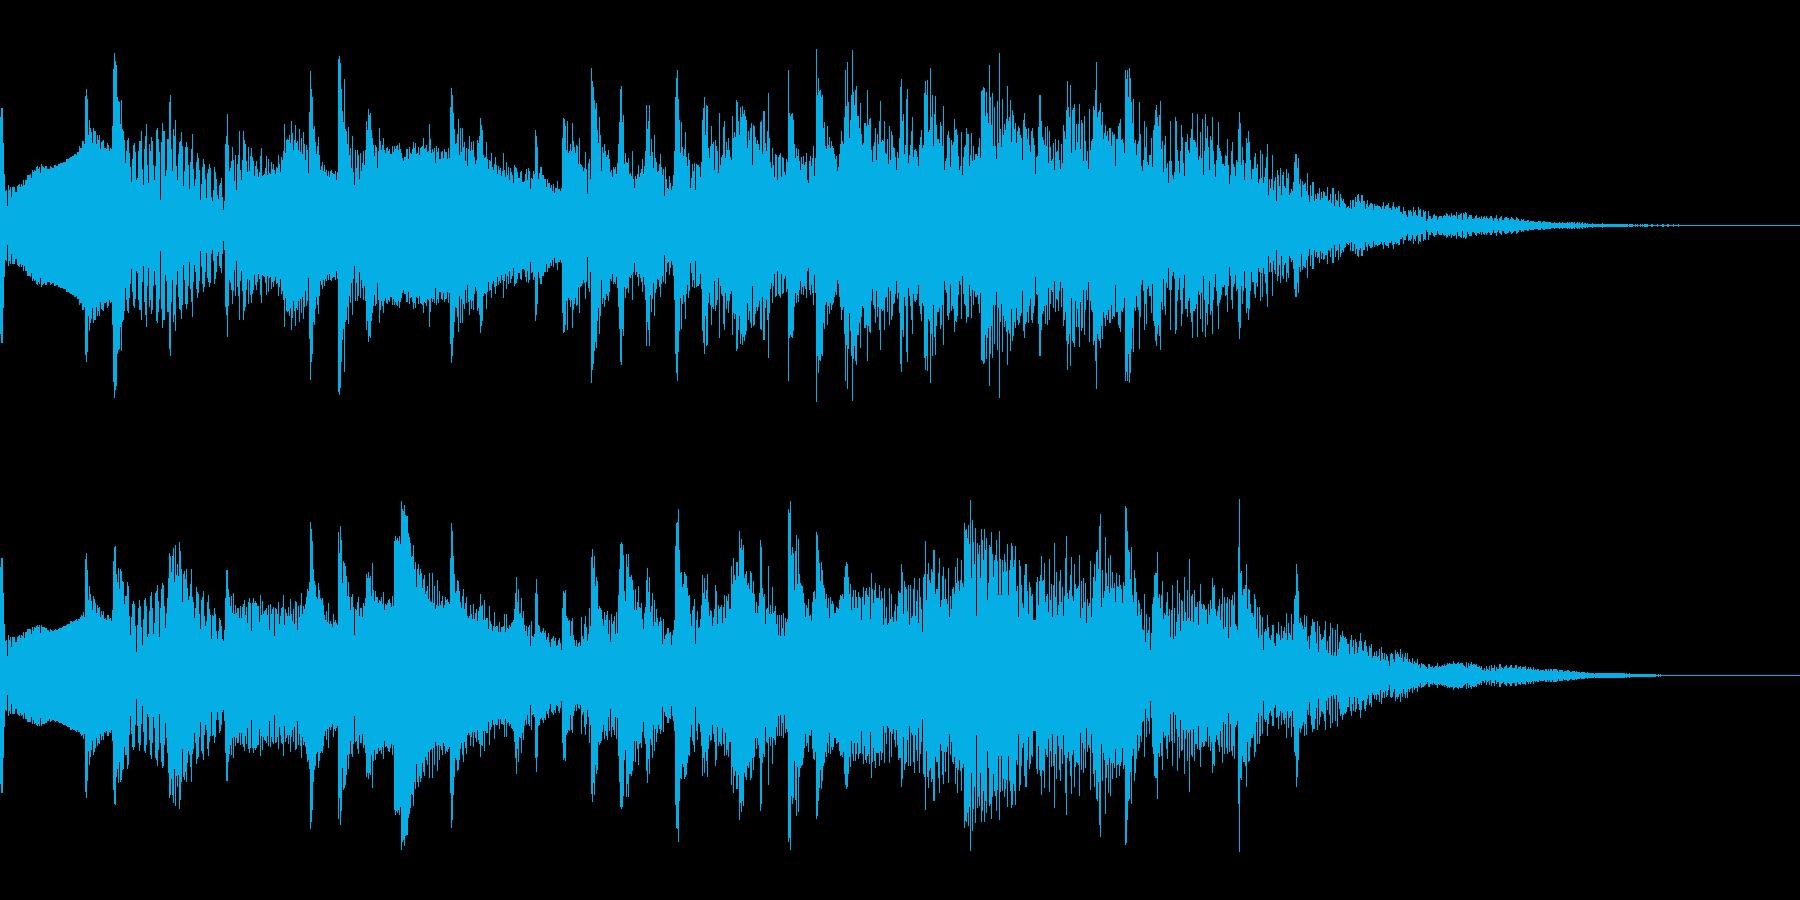 サウンドロゴ【水】 未来的明るく軽い水玉の再生済みの波形